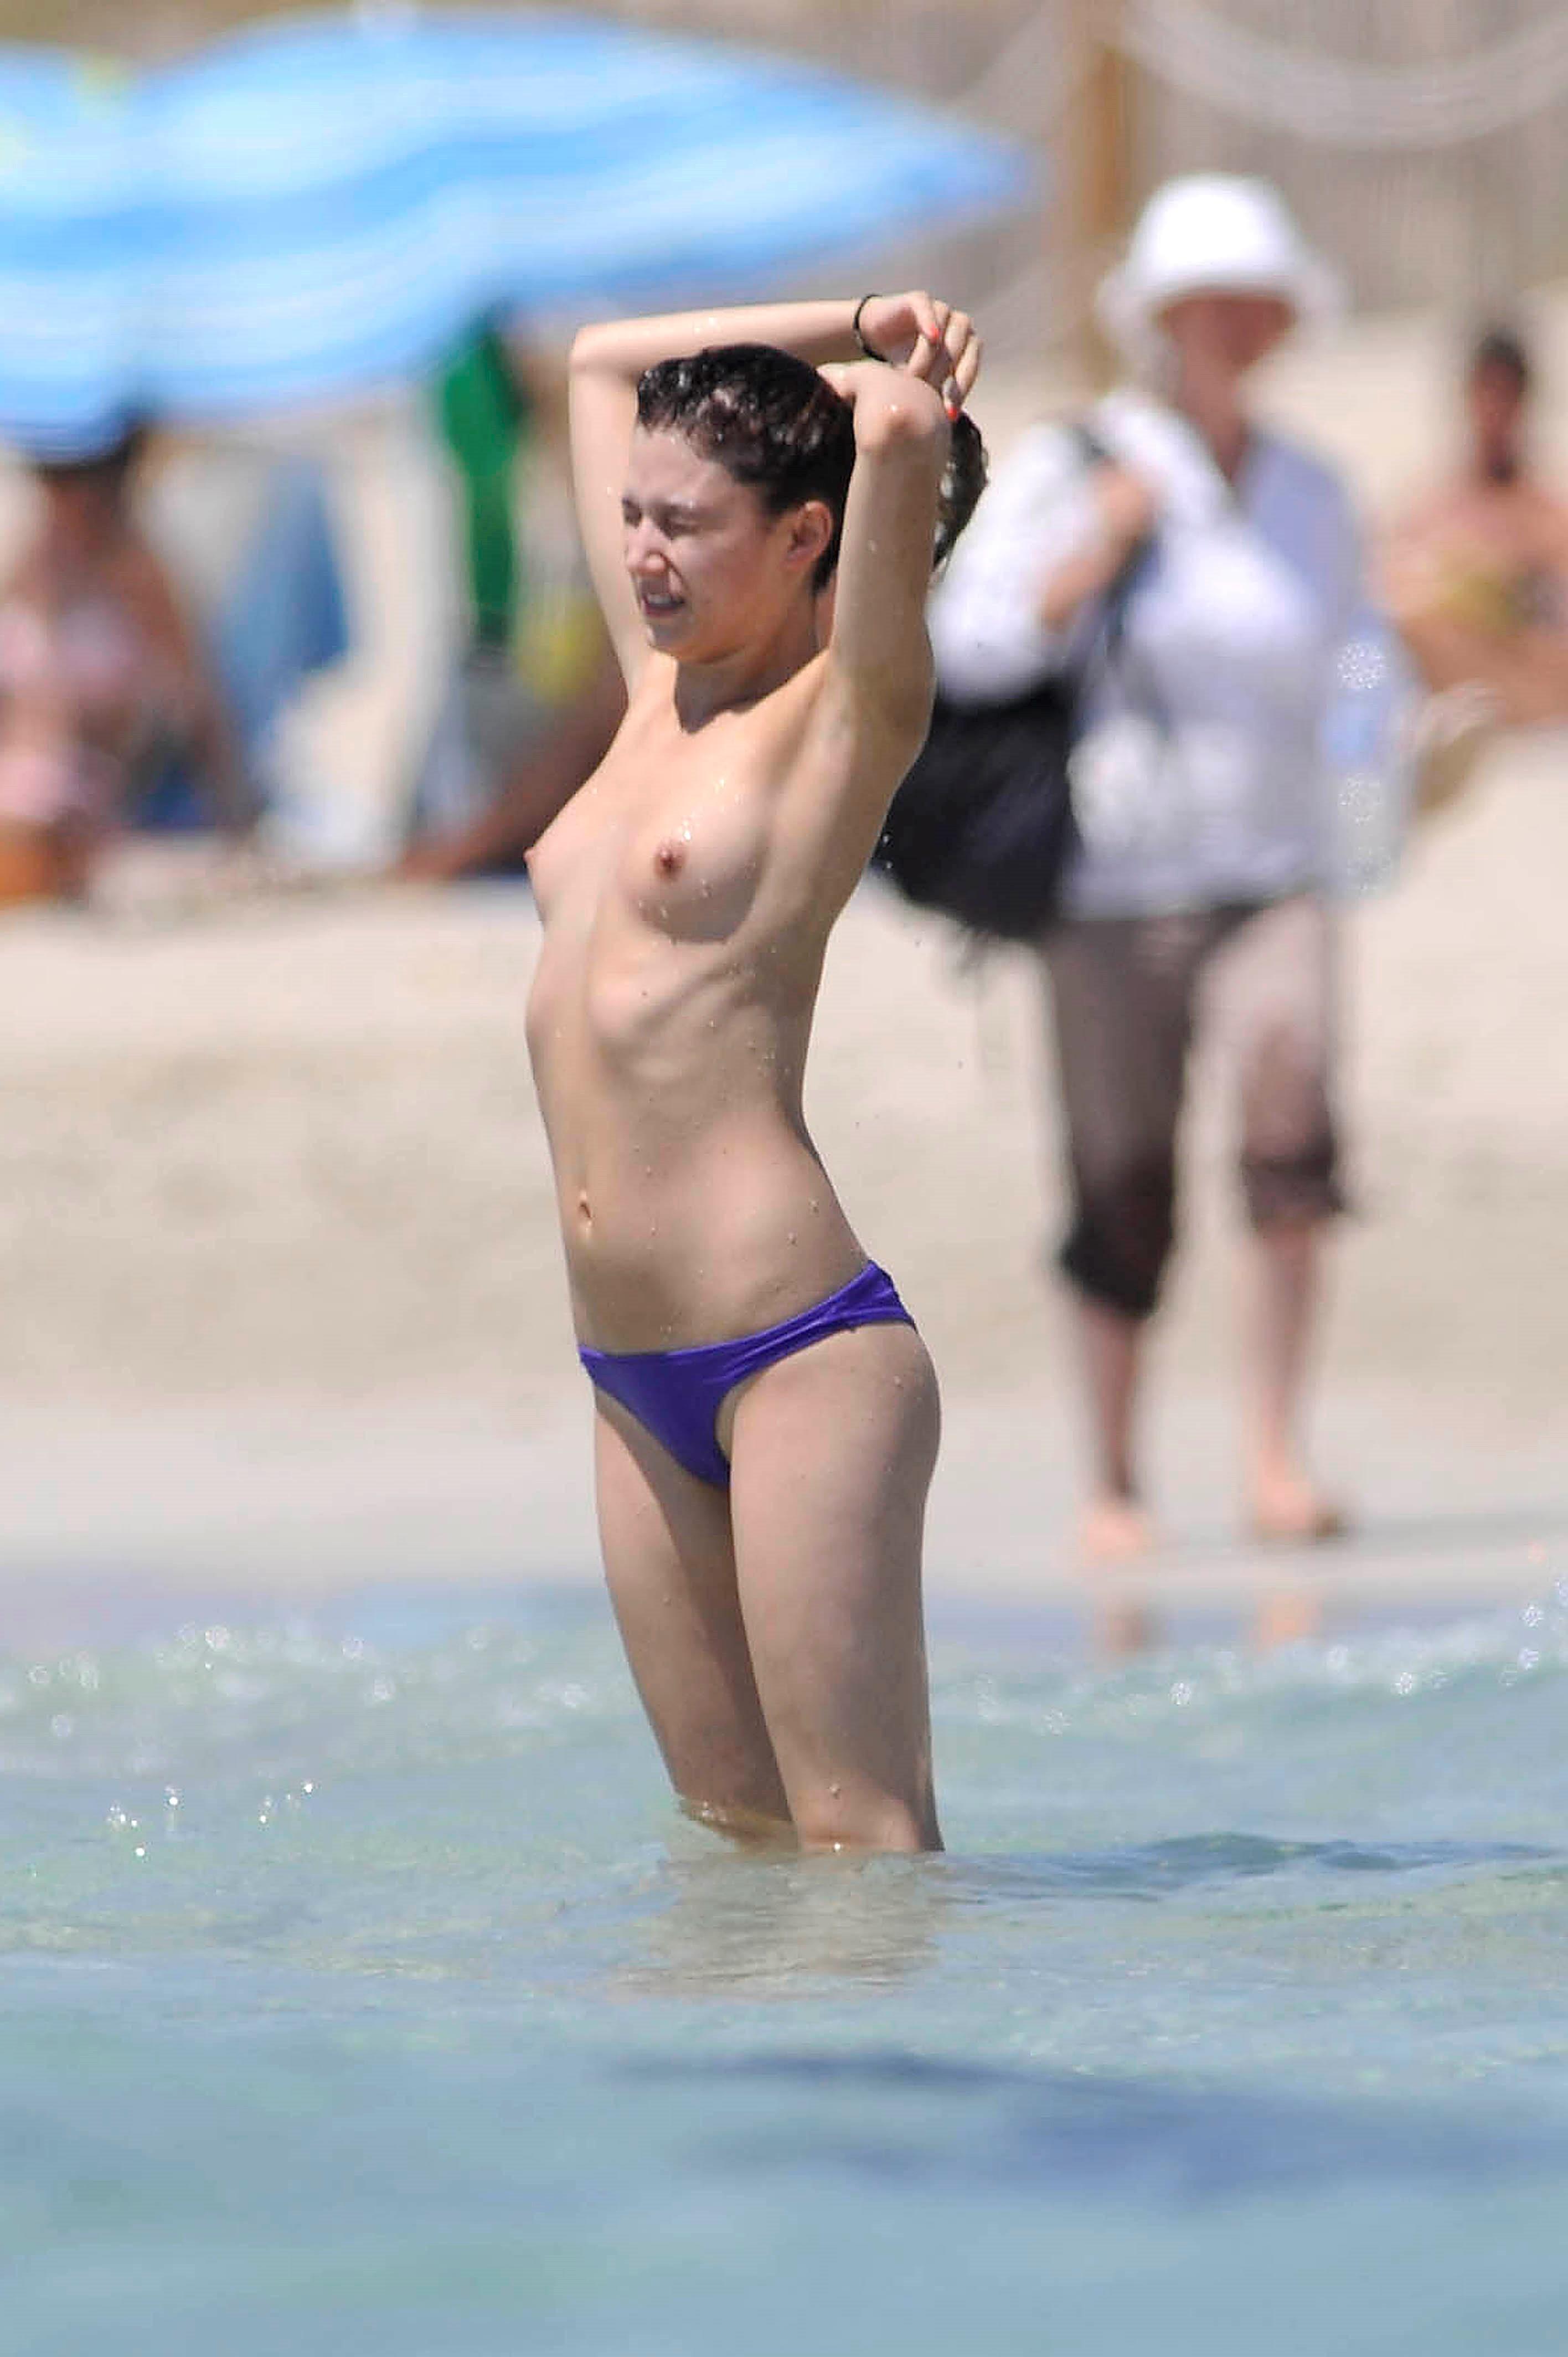 Úrsula corberó desnuda